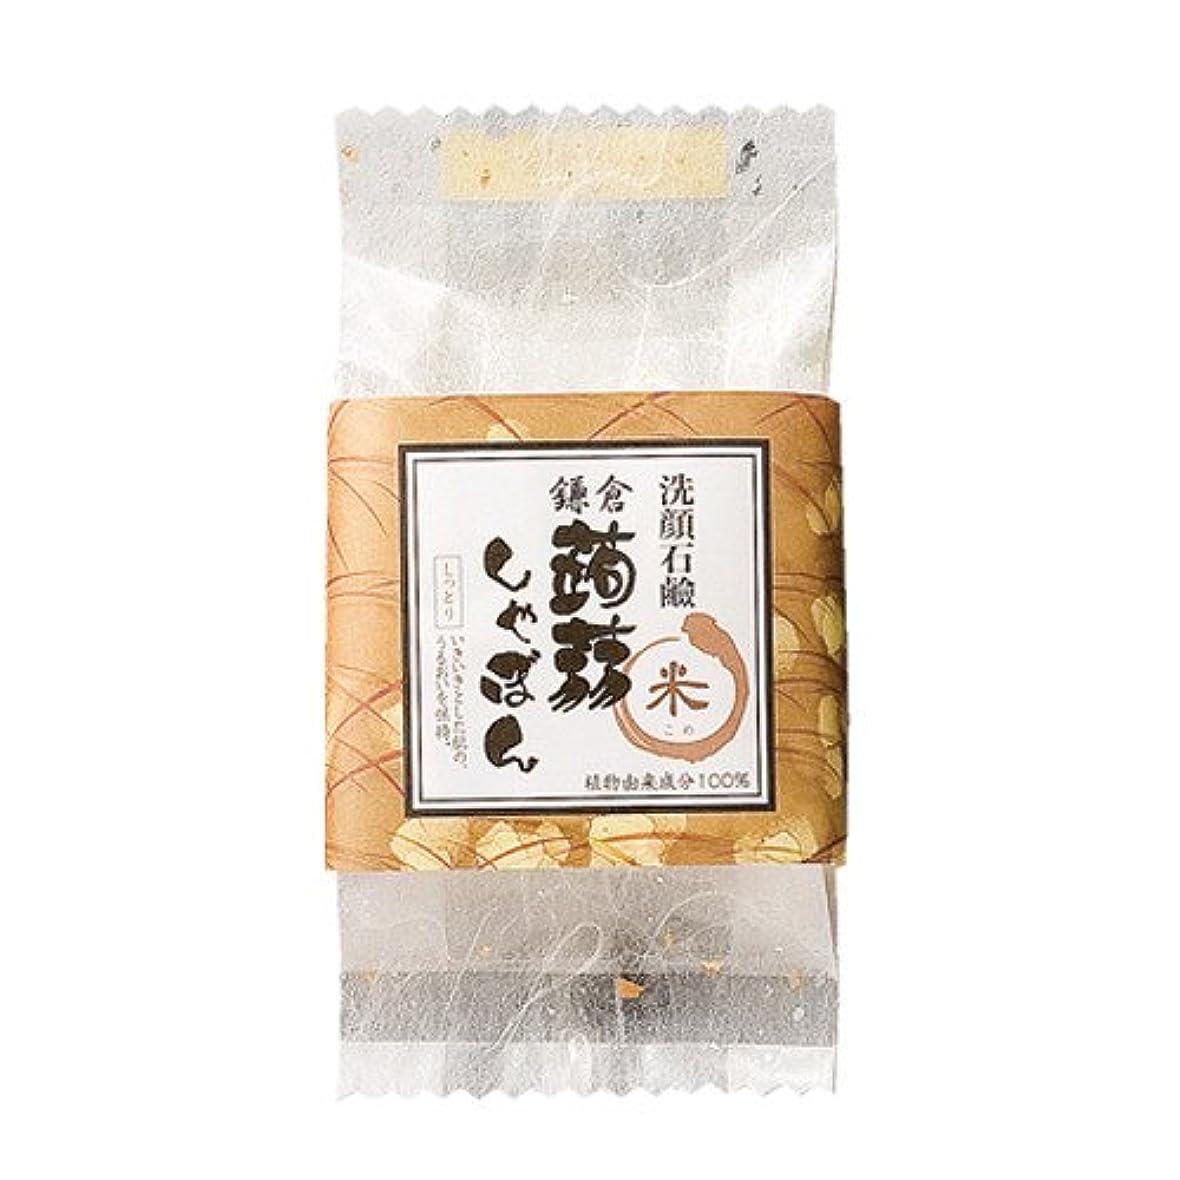 劣るパントリーロビー鎌倉 蒟蒻しゃぼん 米